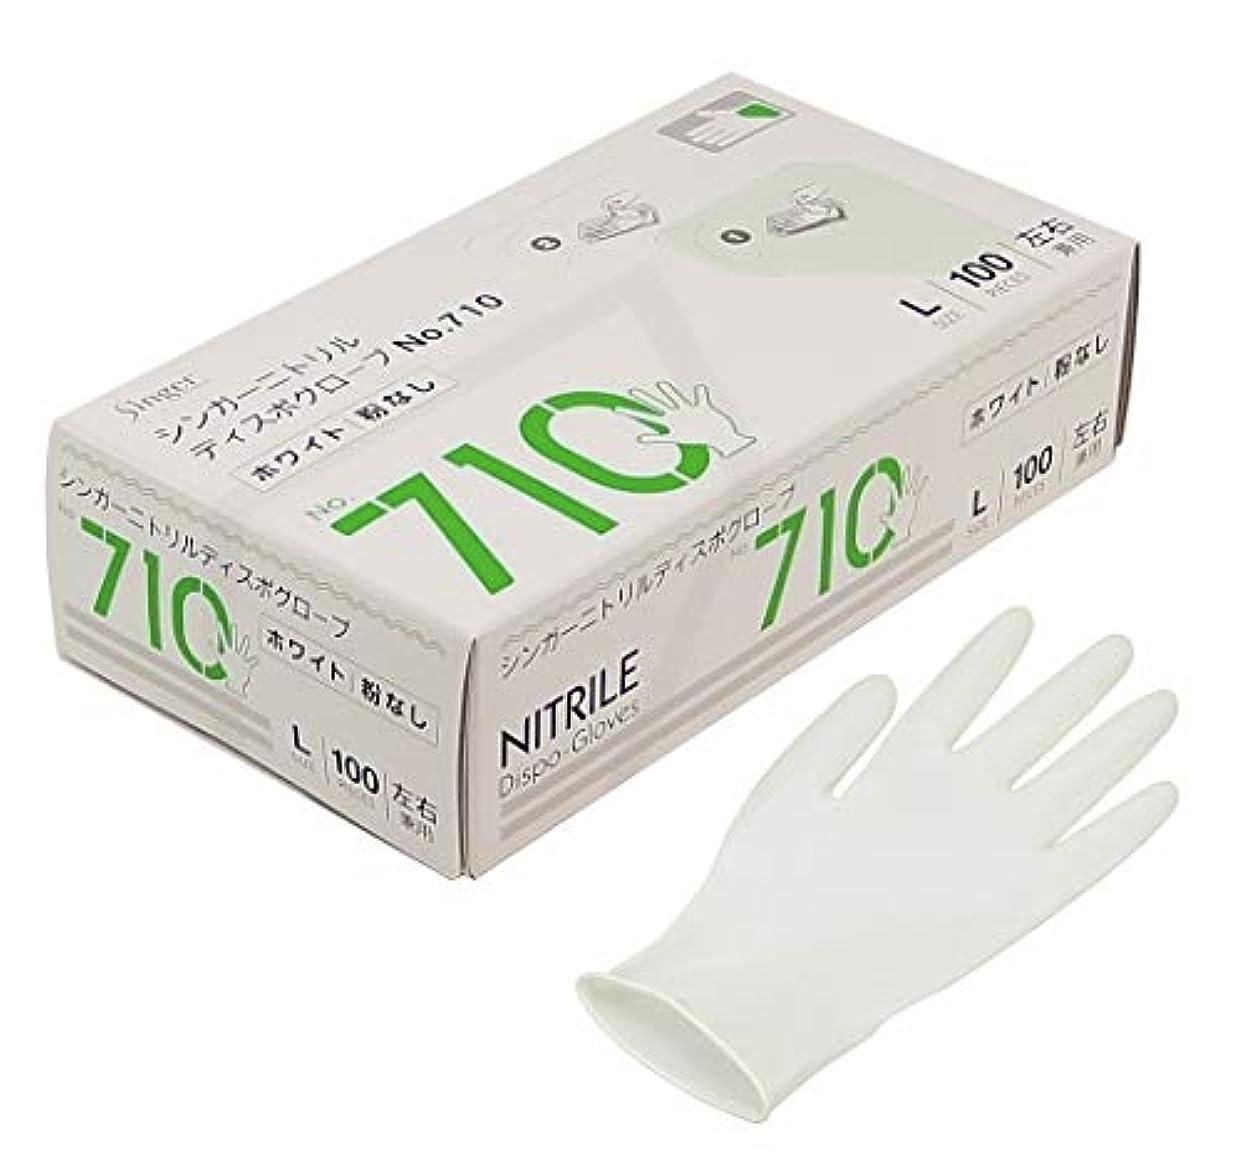 ベンチャーお嬢どうしたのシンガー ニトリルディスポグローブ(手袋) No.710 ホワイト パウダーフリー(100枚) L